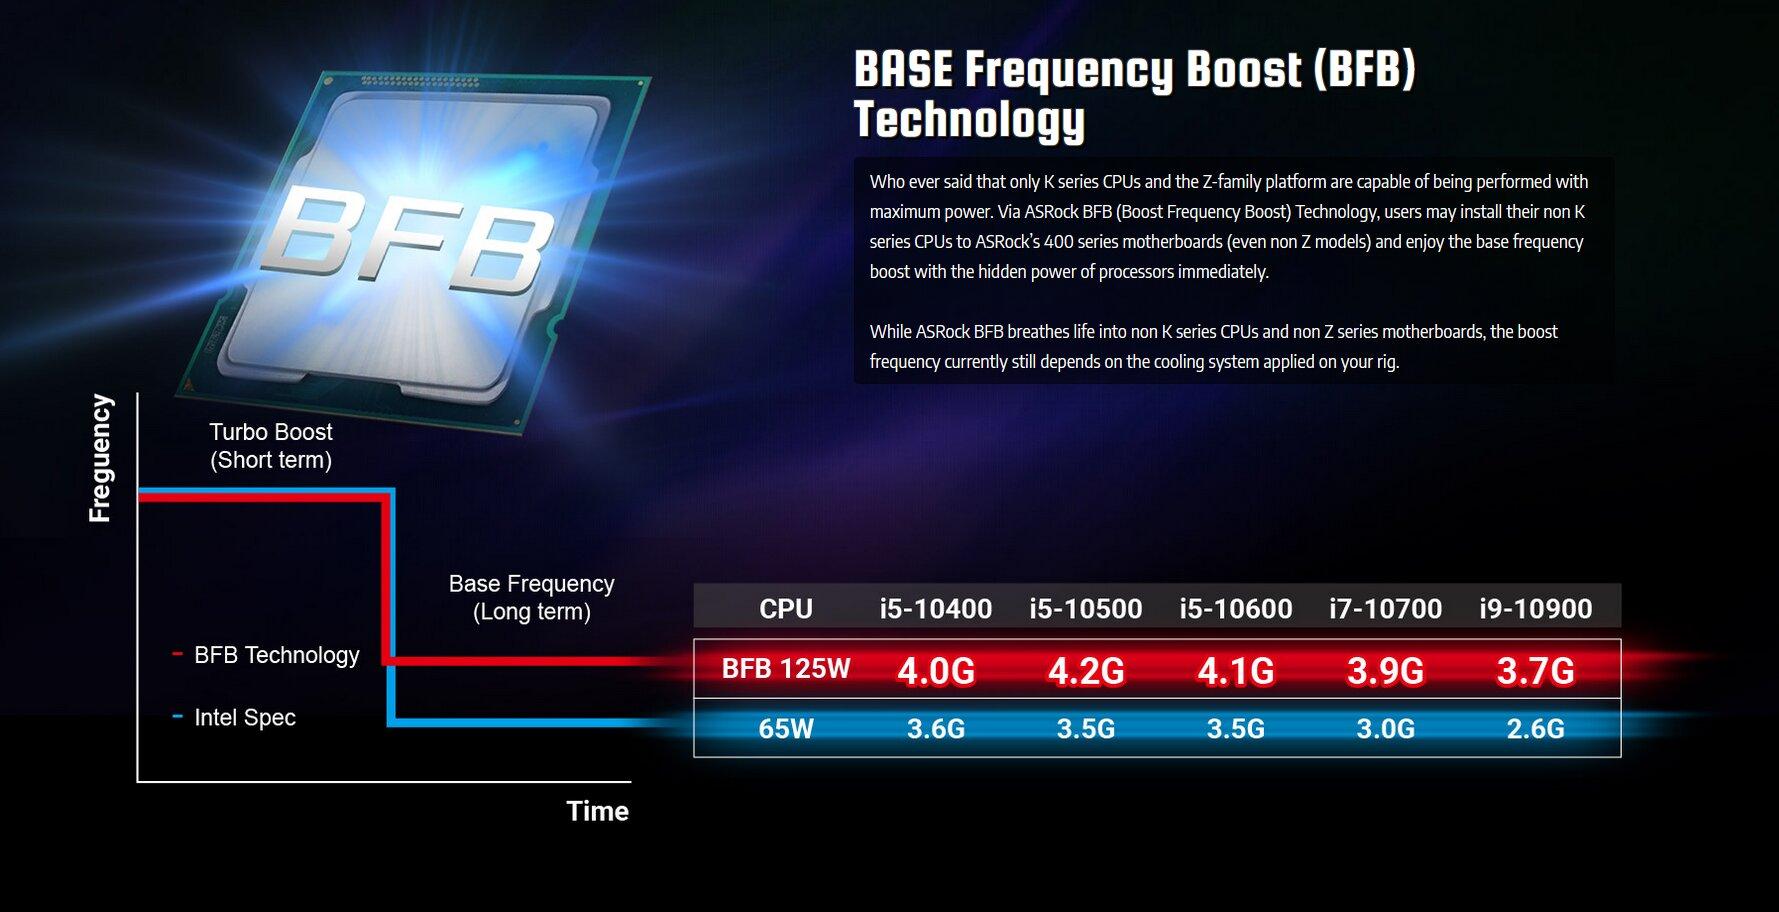 ASRock BFB lässt auch neue Non-K-CPUs höher takten